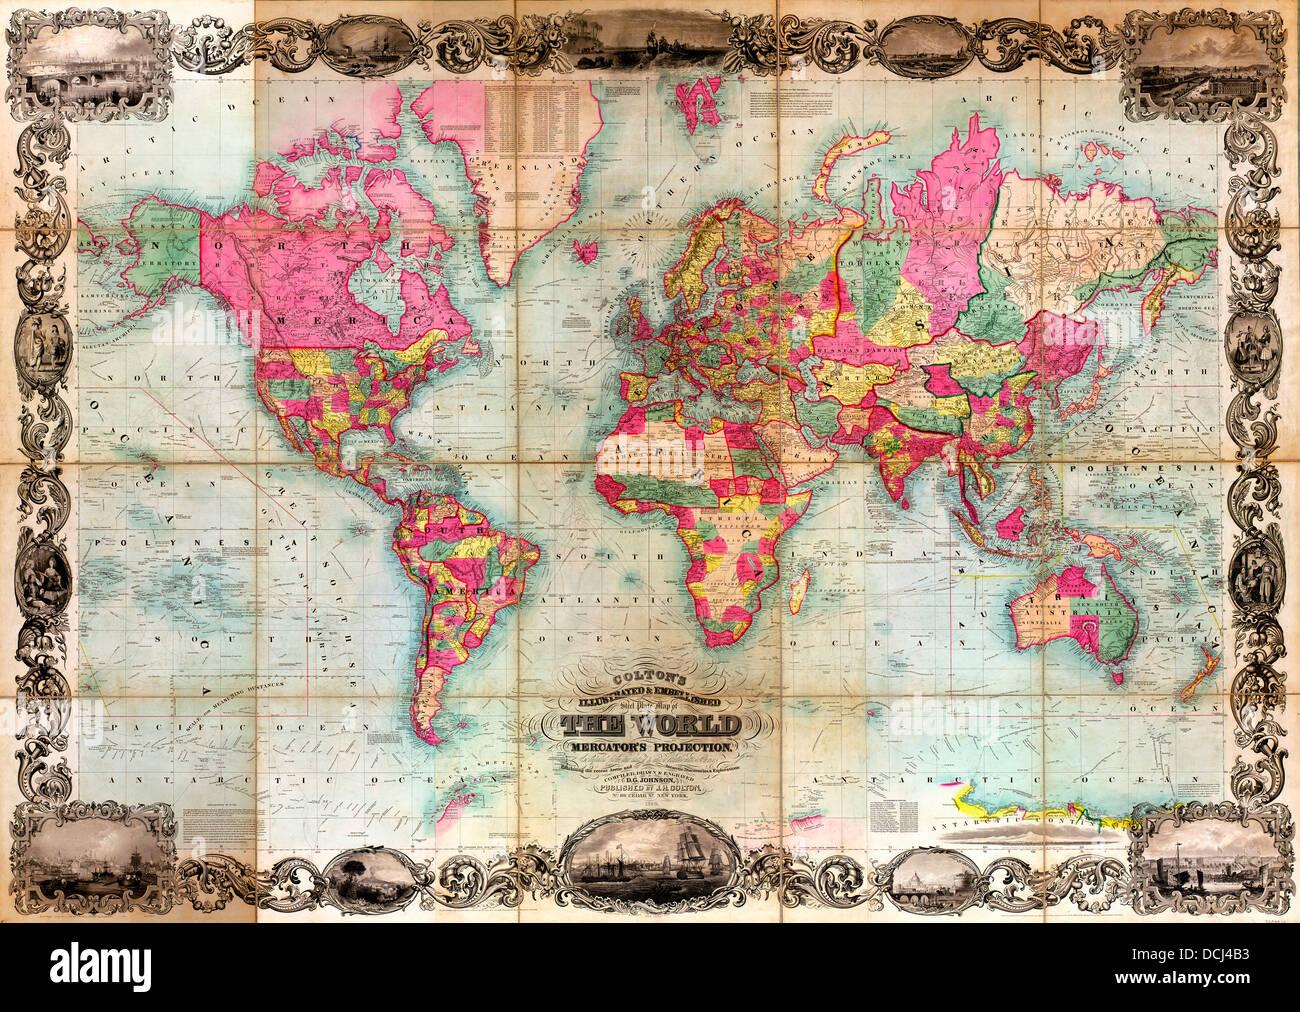 Colton ist illustriert & verschönert Stahlplatte Weltkarte auf Mercators-Projektion: zusammengestellt aus Stockbild